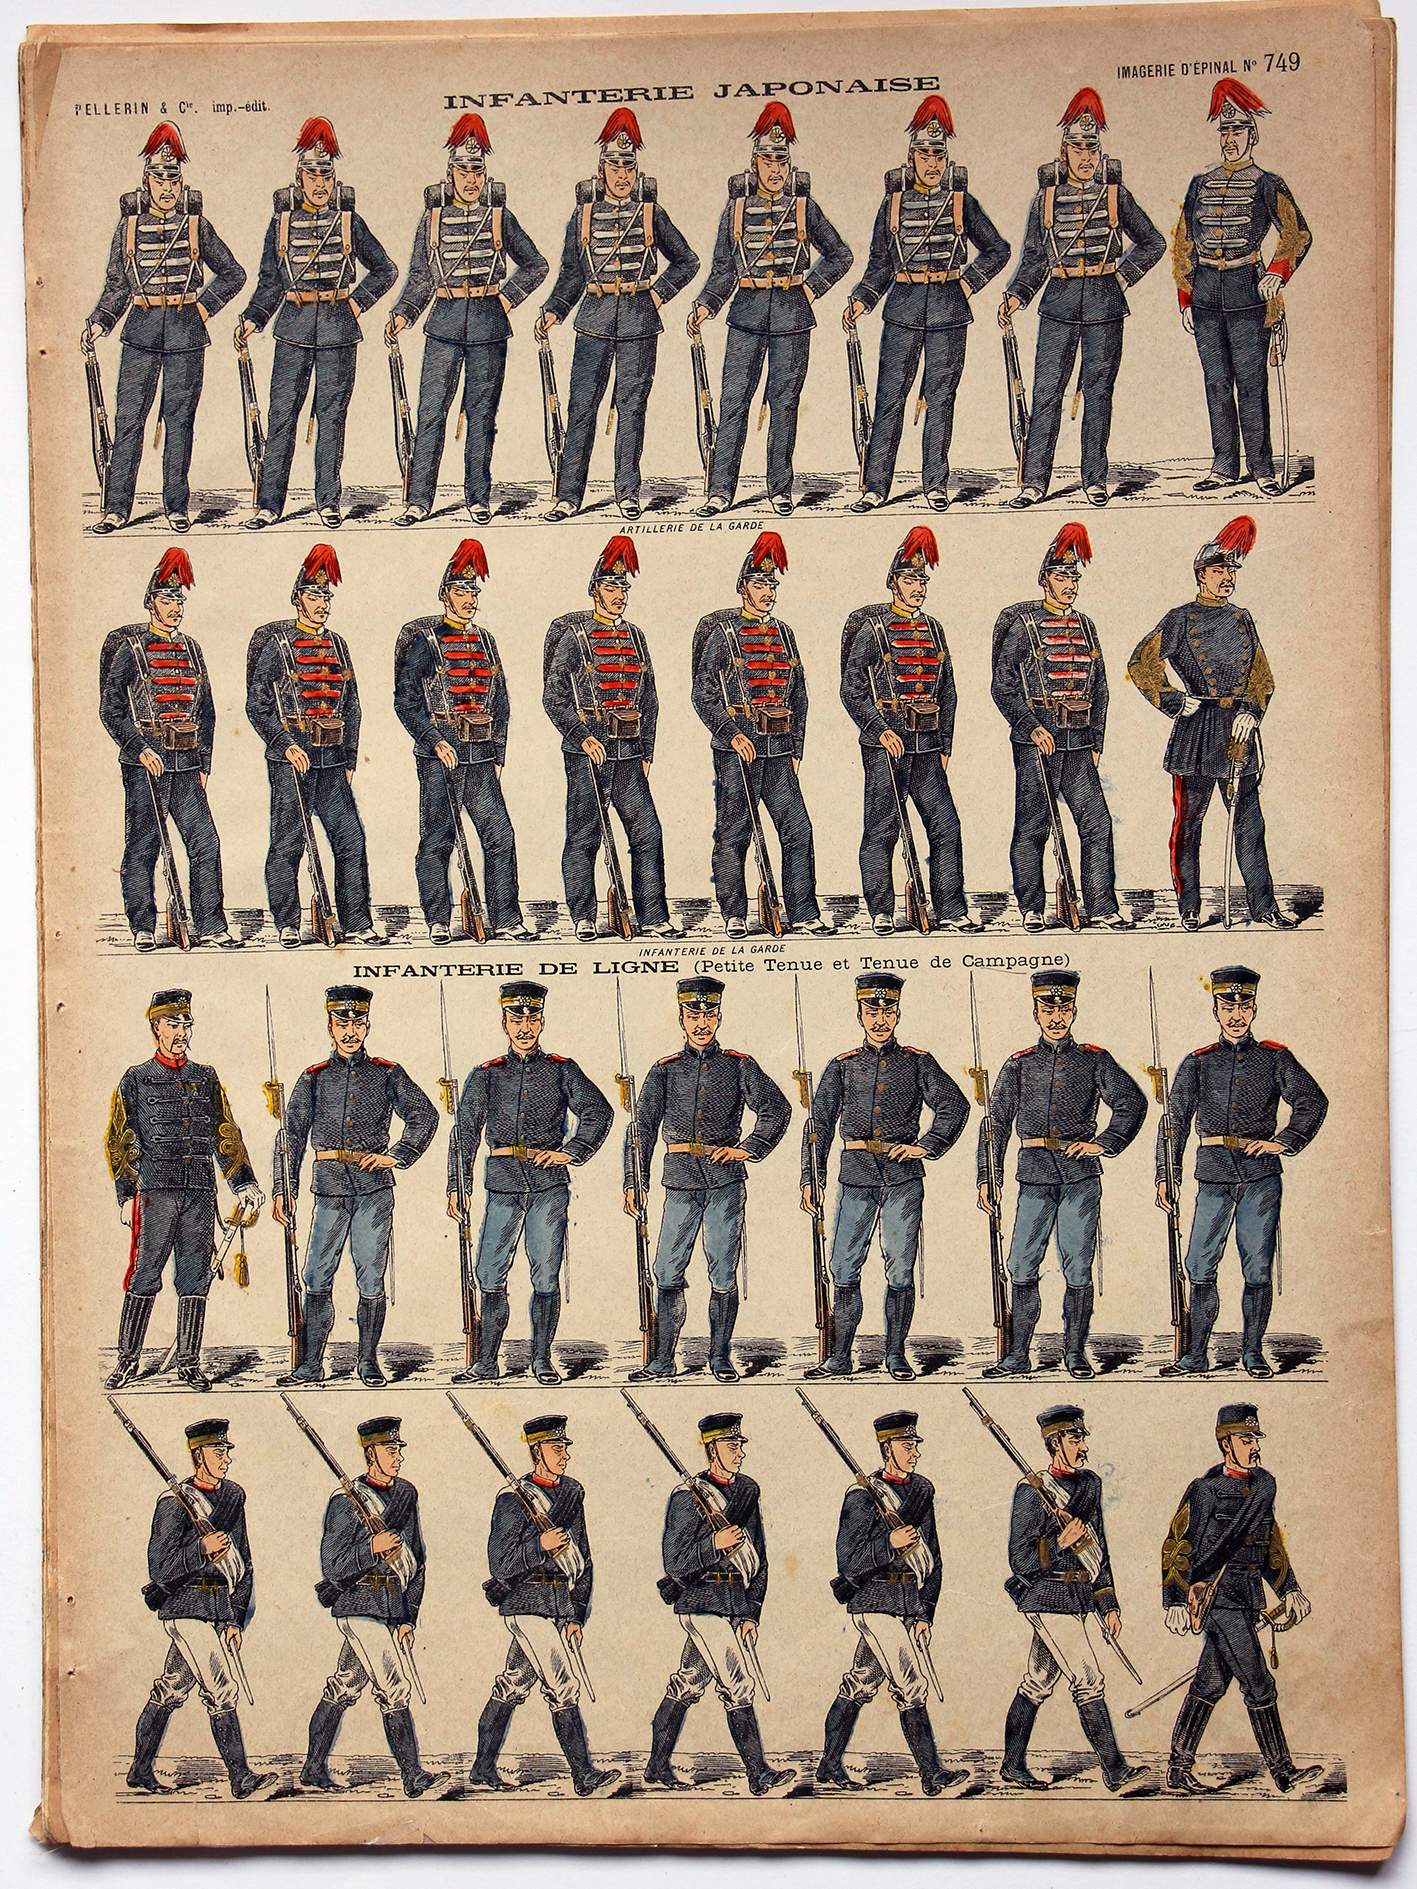 Planche imagerie Epinal - Pellerin Editeur - N°749 - Armée Japonaise